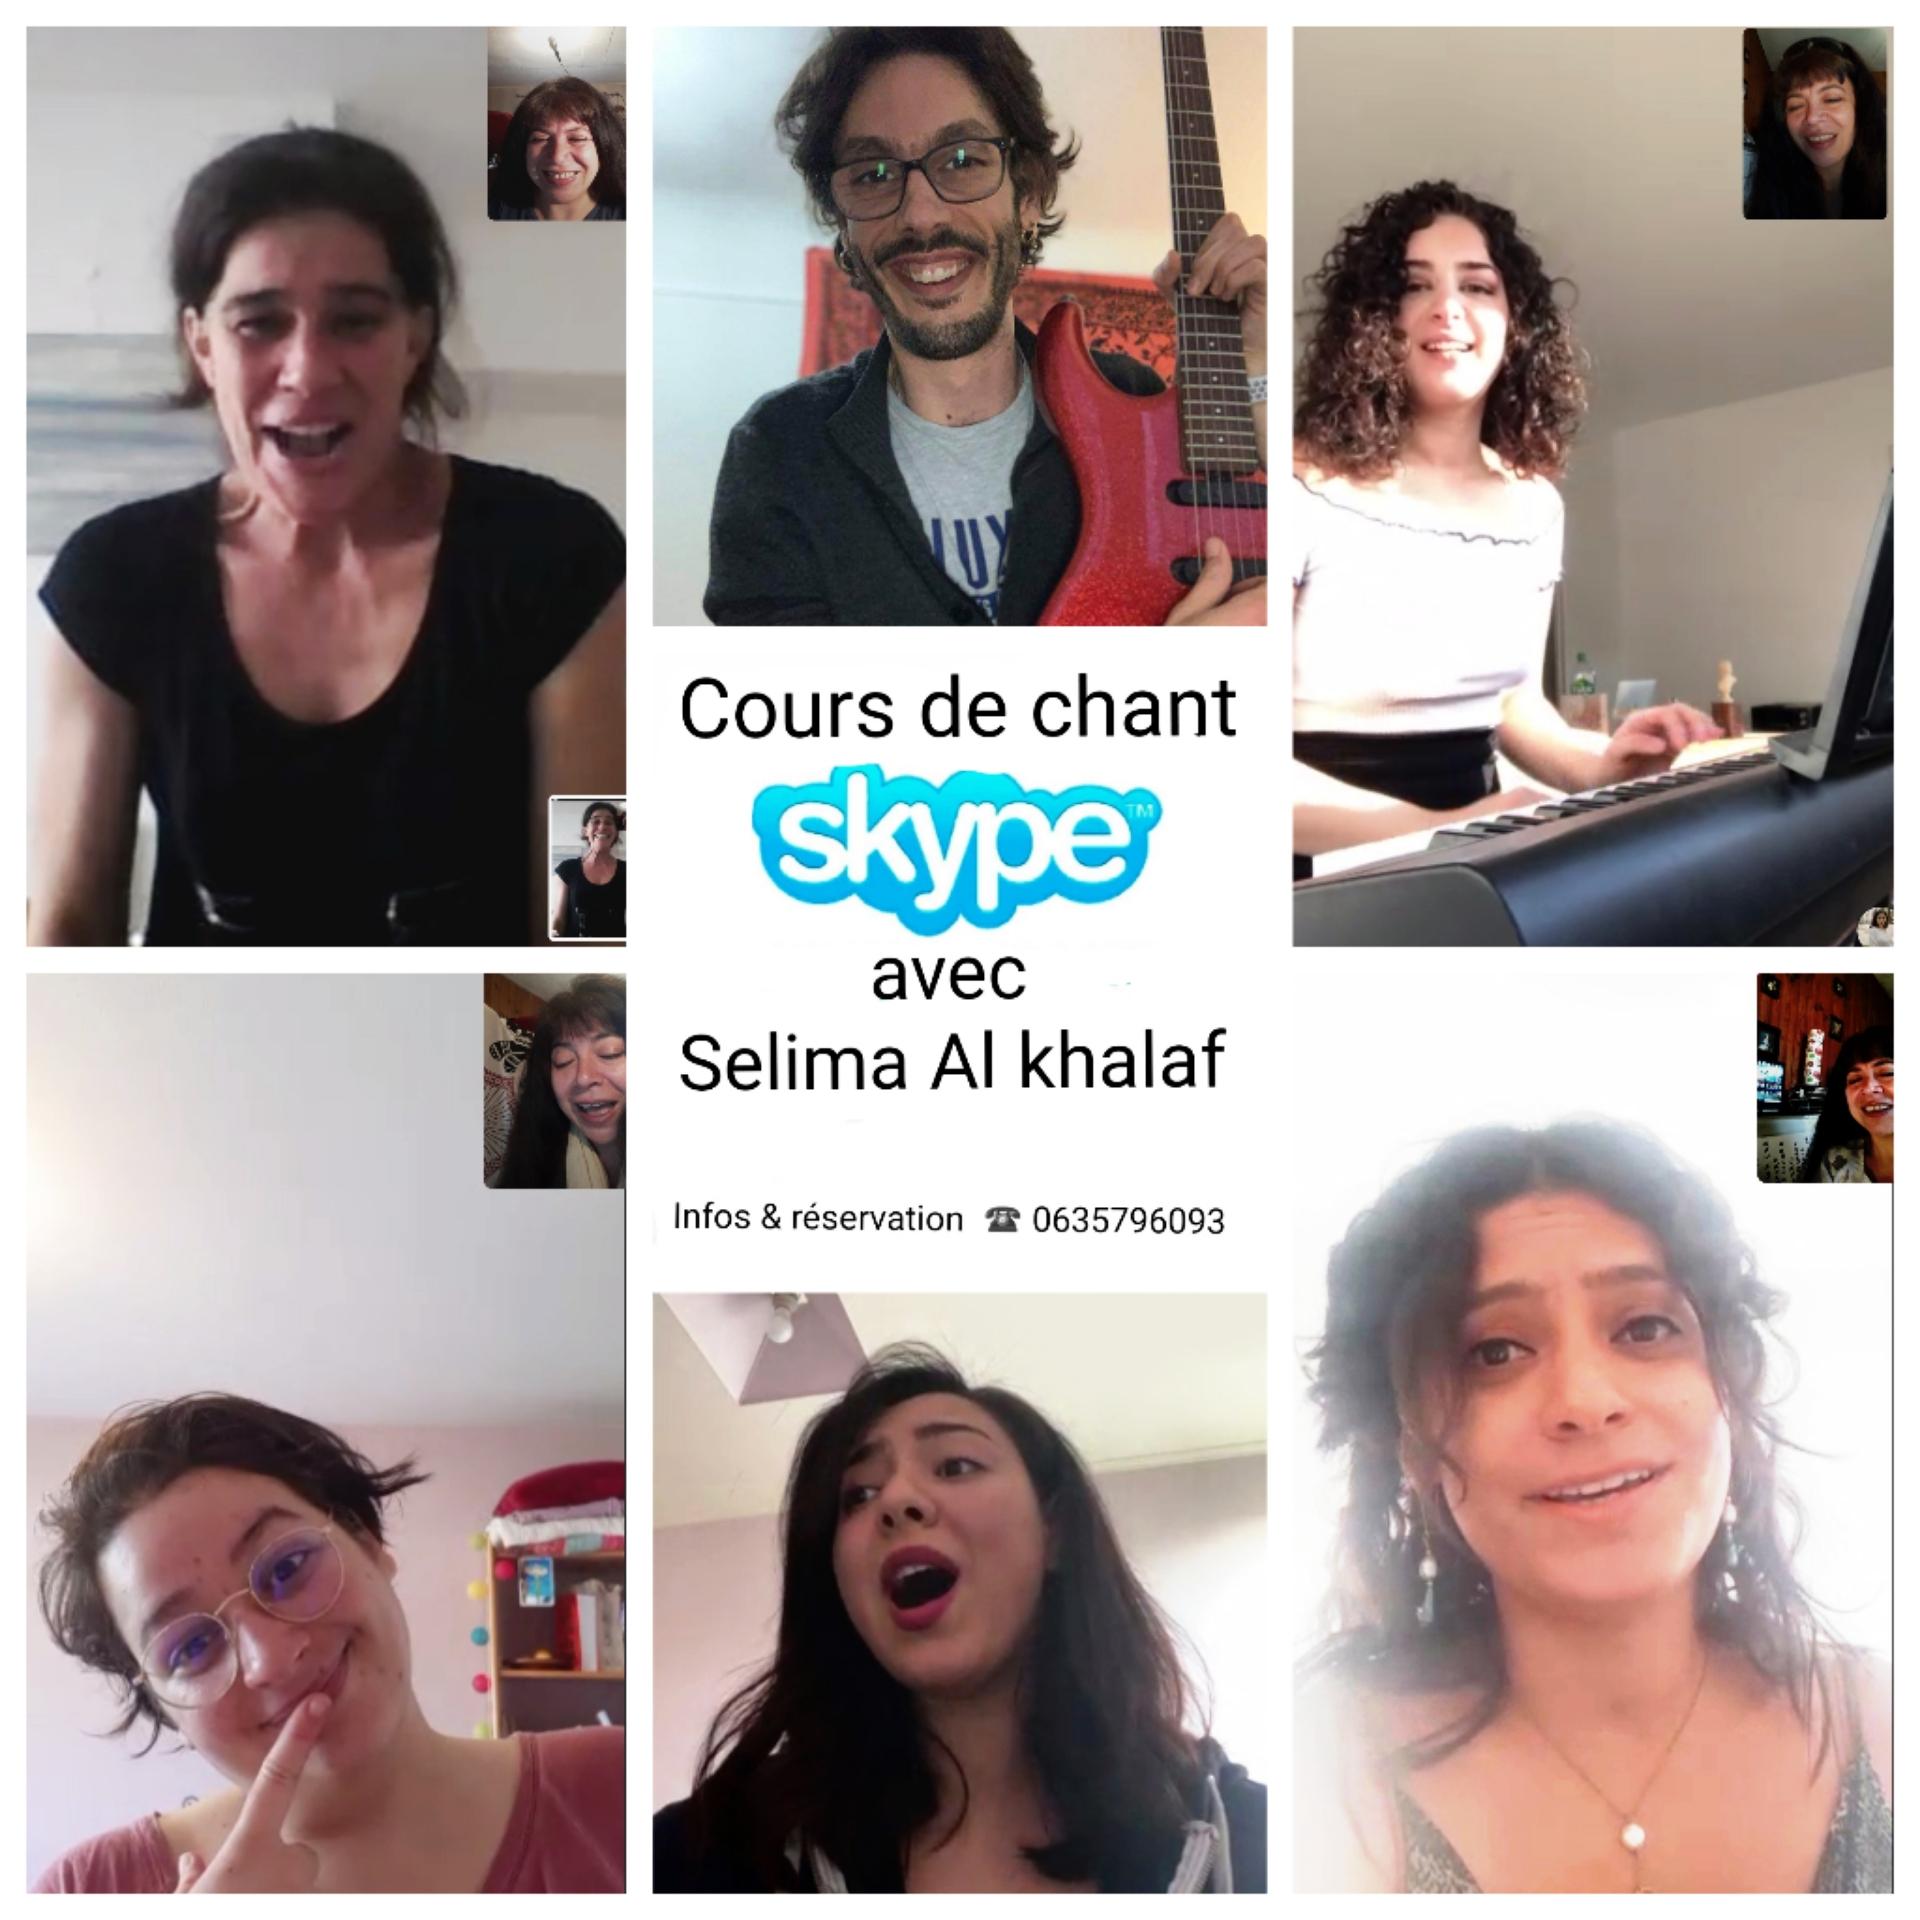 Cours de chant pas cher skype